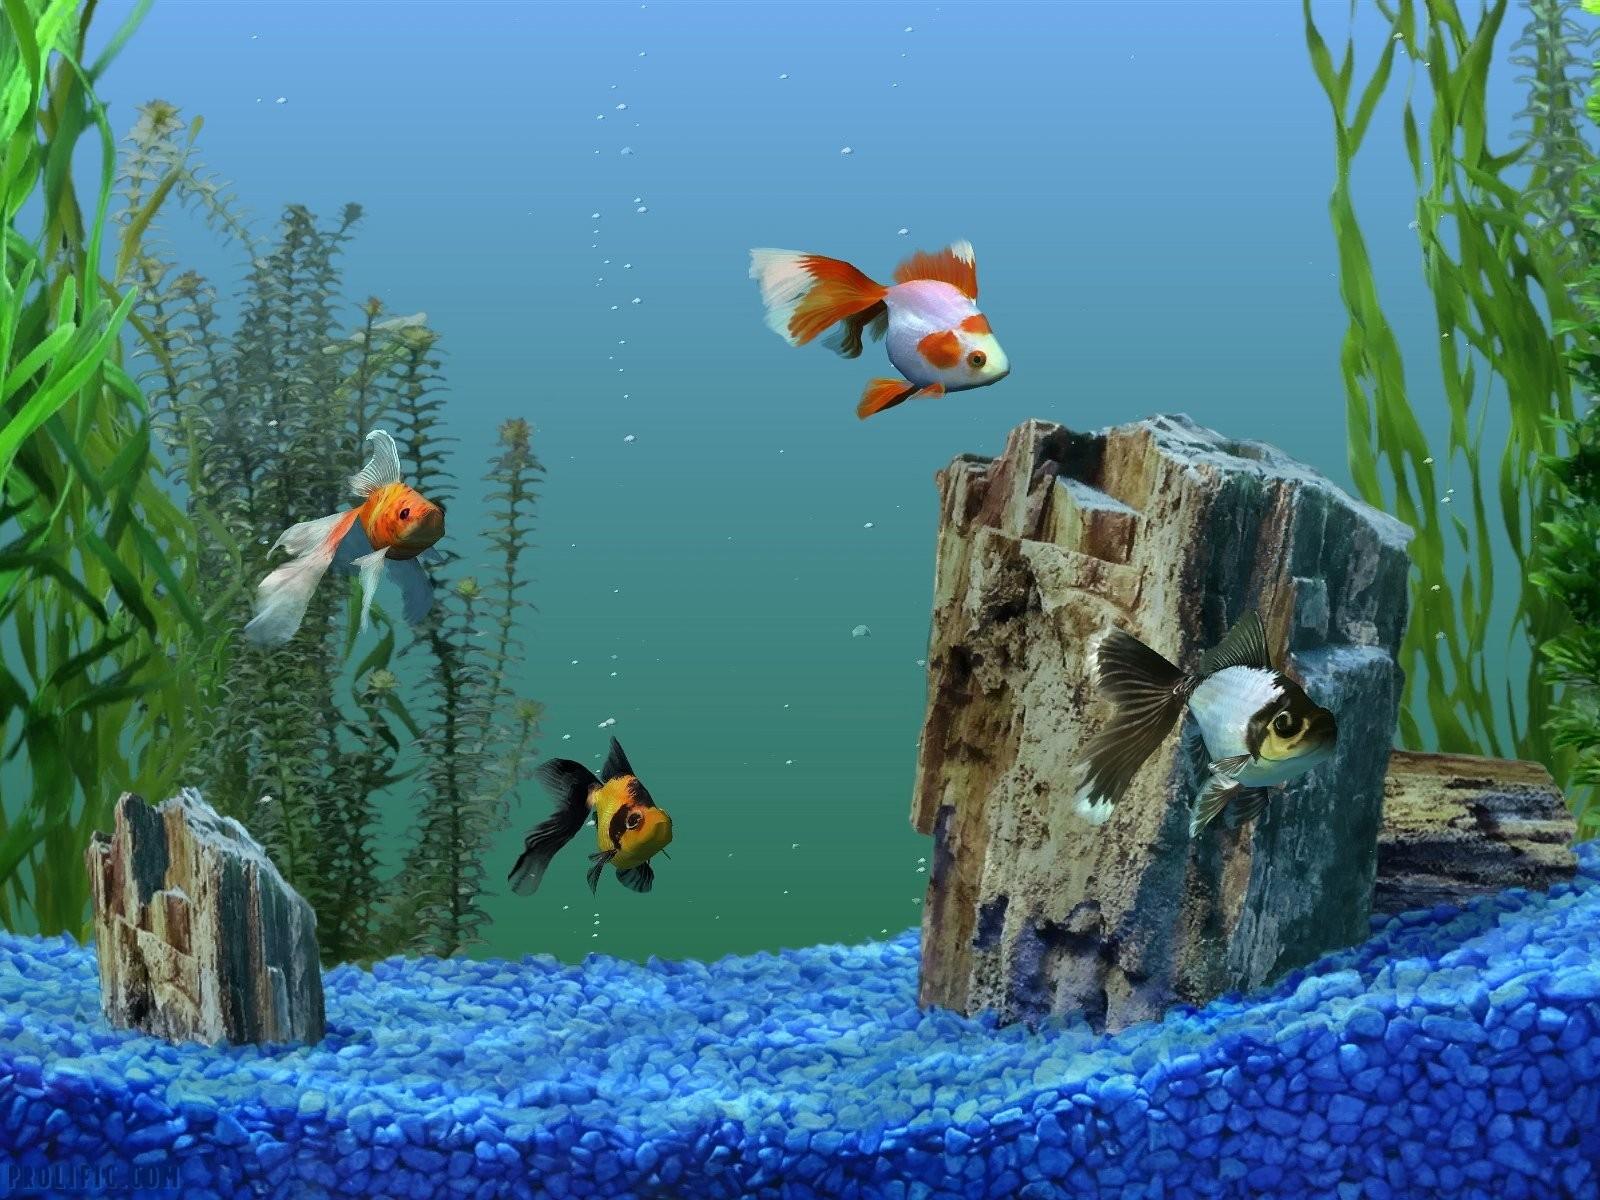 Мая, картинки на рабочий стол рыбки живые они двигаются